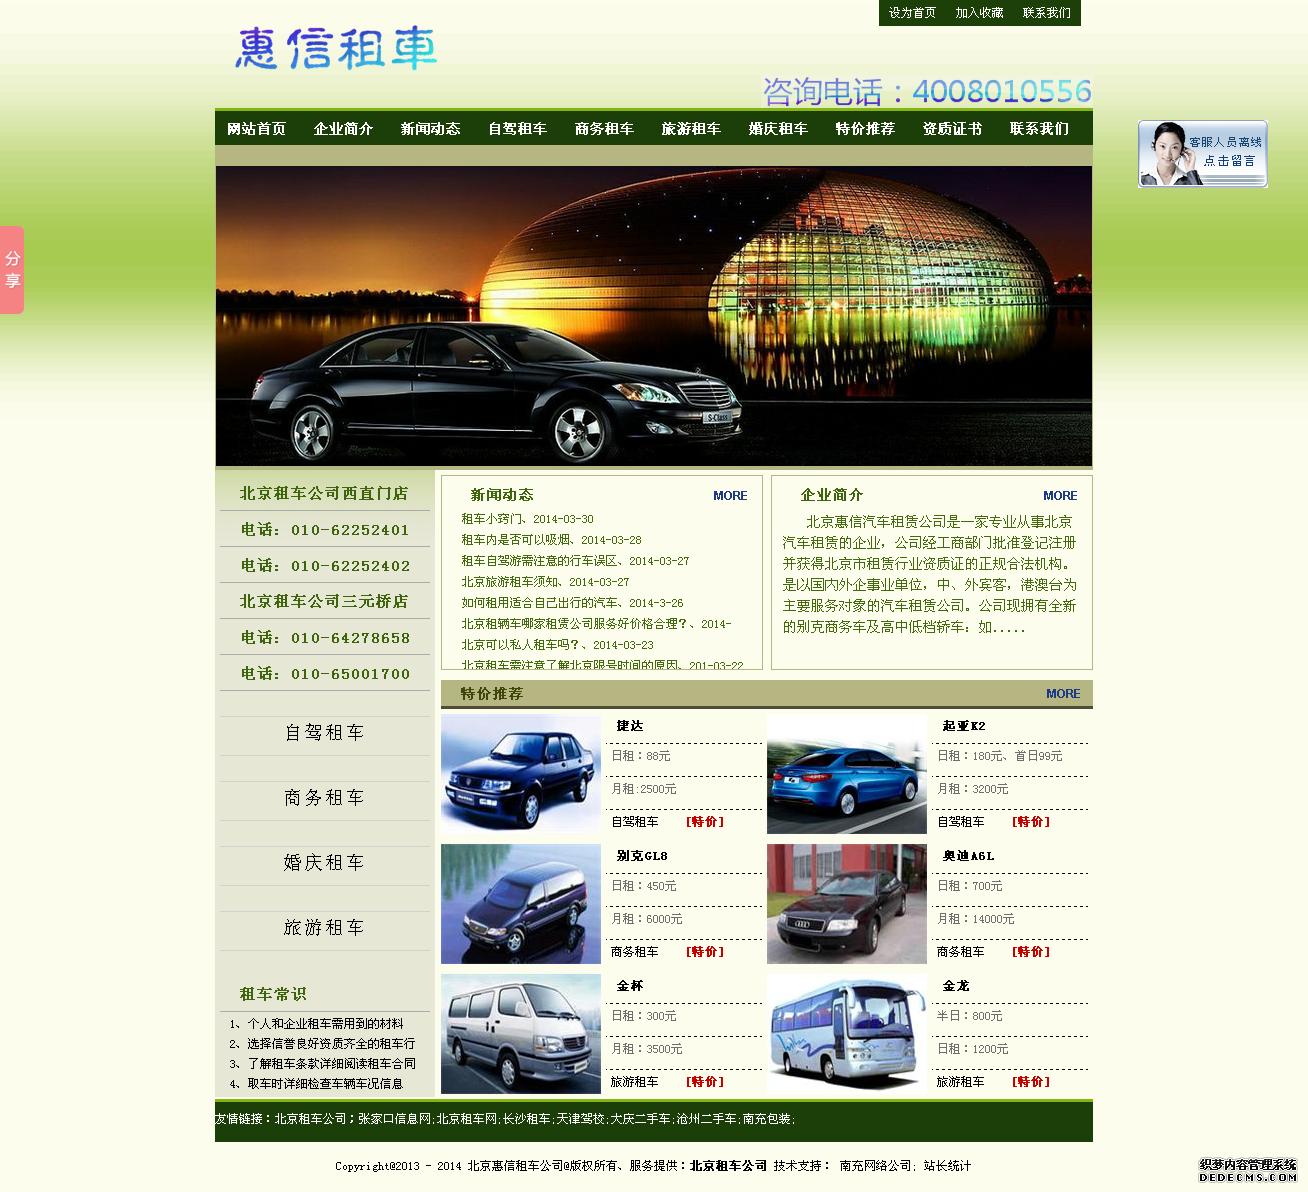 北京惠信汽车租赁公司网站建设案例